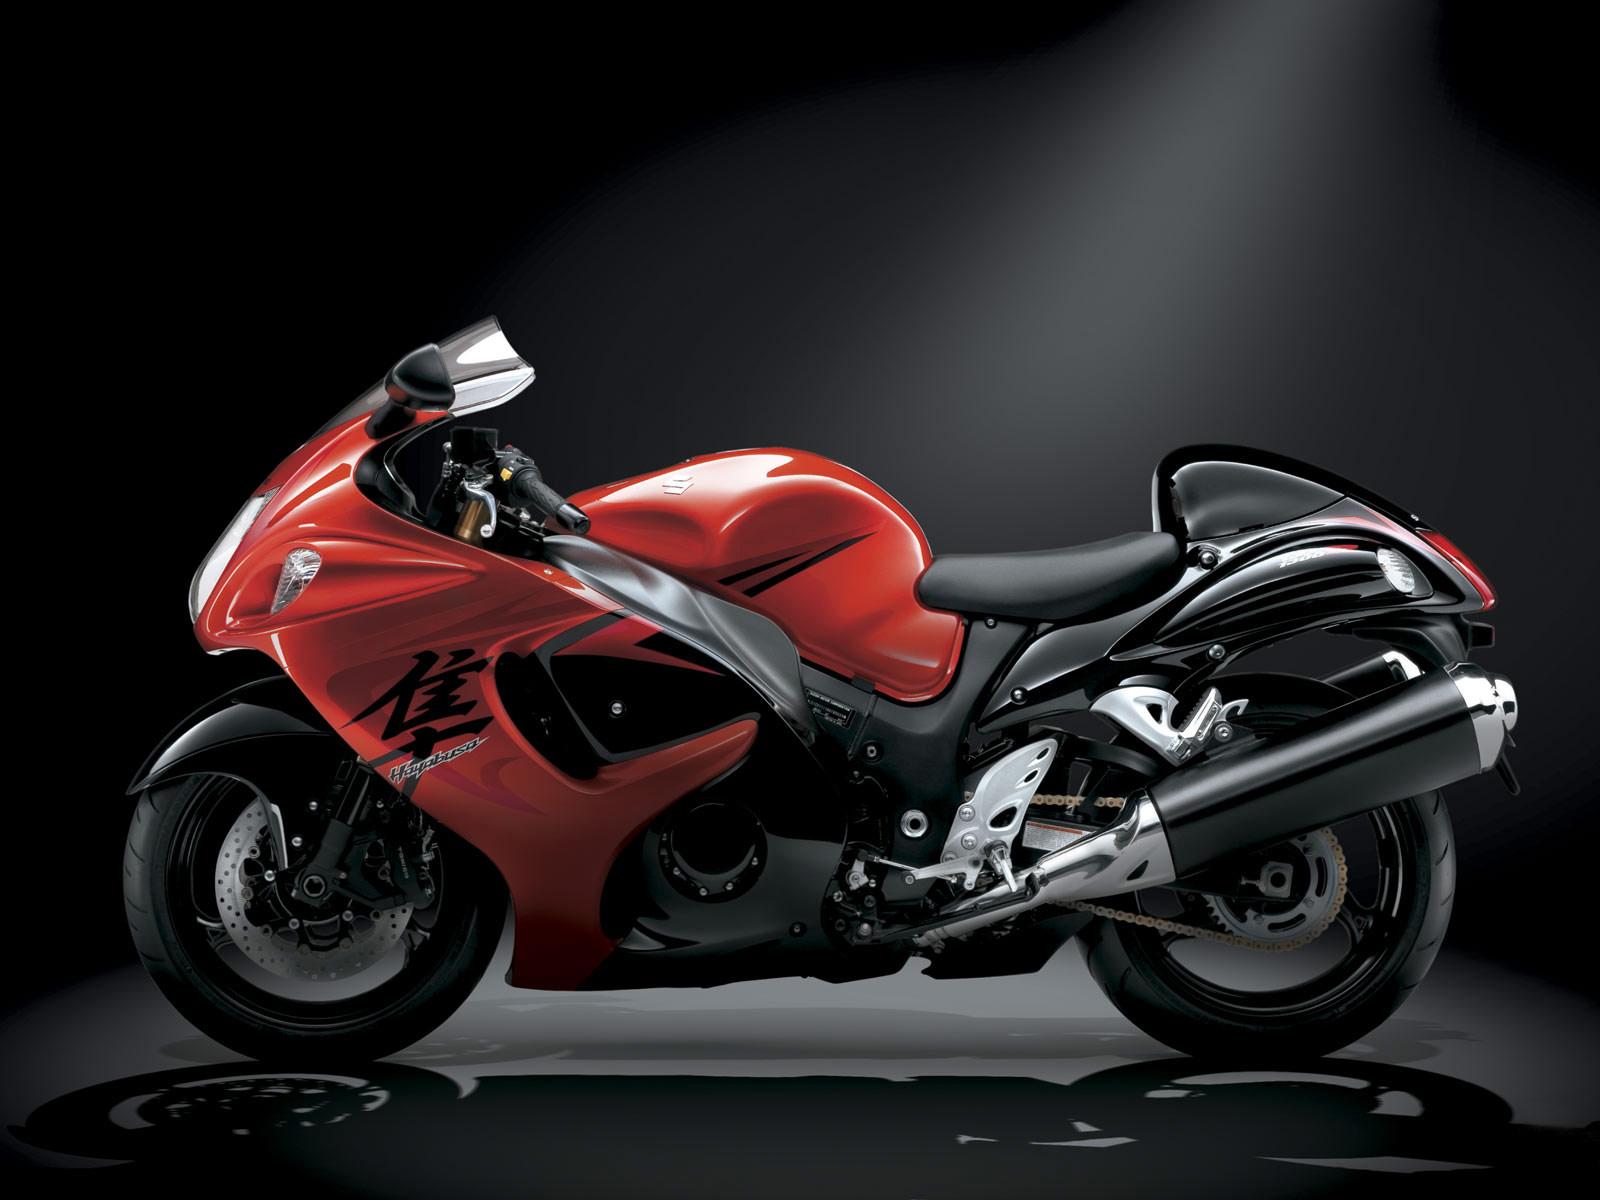 http://3.bp.blogspot.com/-r-A8LIYMvVo/TpzmGp_uZHI/AAAAAAAACXk/bifNF3zFYzI/s1600/2008_suzuki_GSX1300R_Hayabusa_motorcycle-desktop-wallpaper_11.jpg